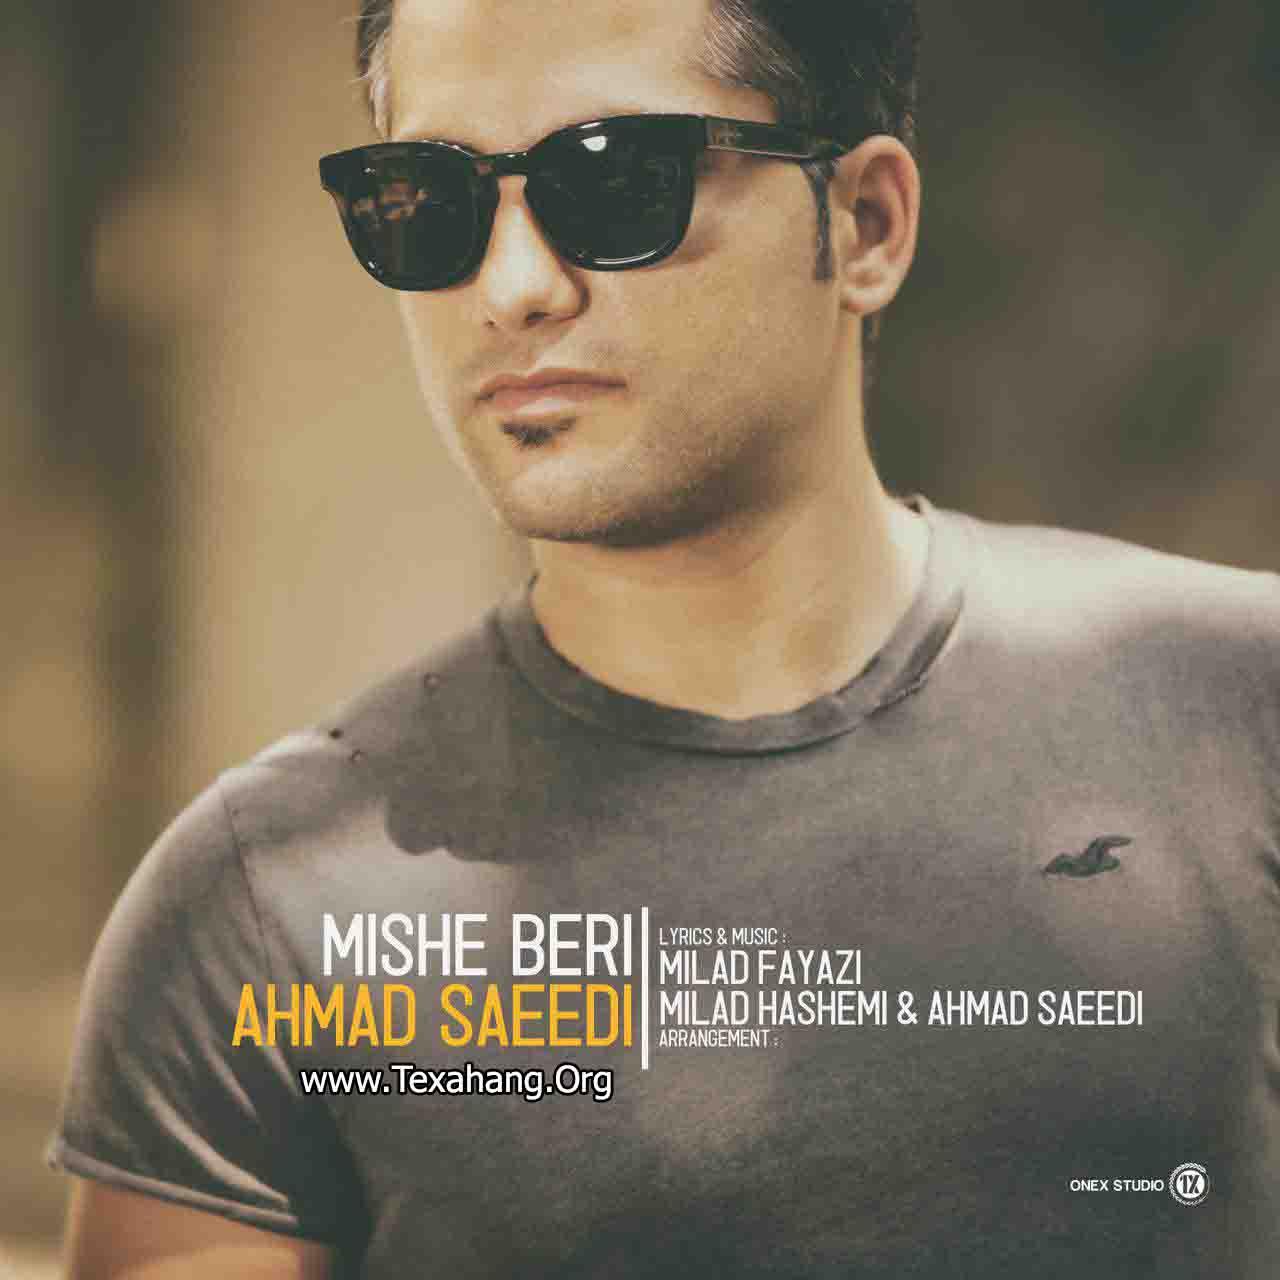 متن آهنگ احمد سعیدی بنام میشه بری